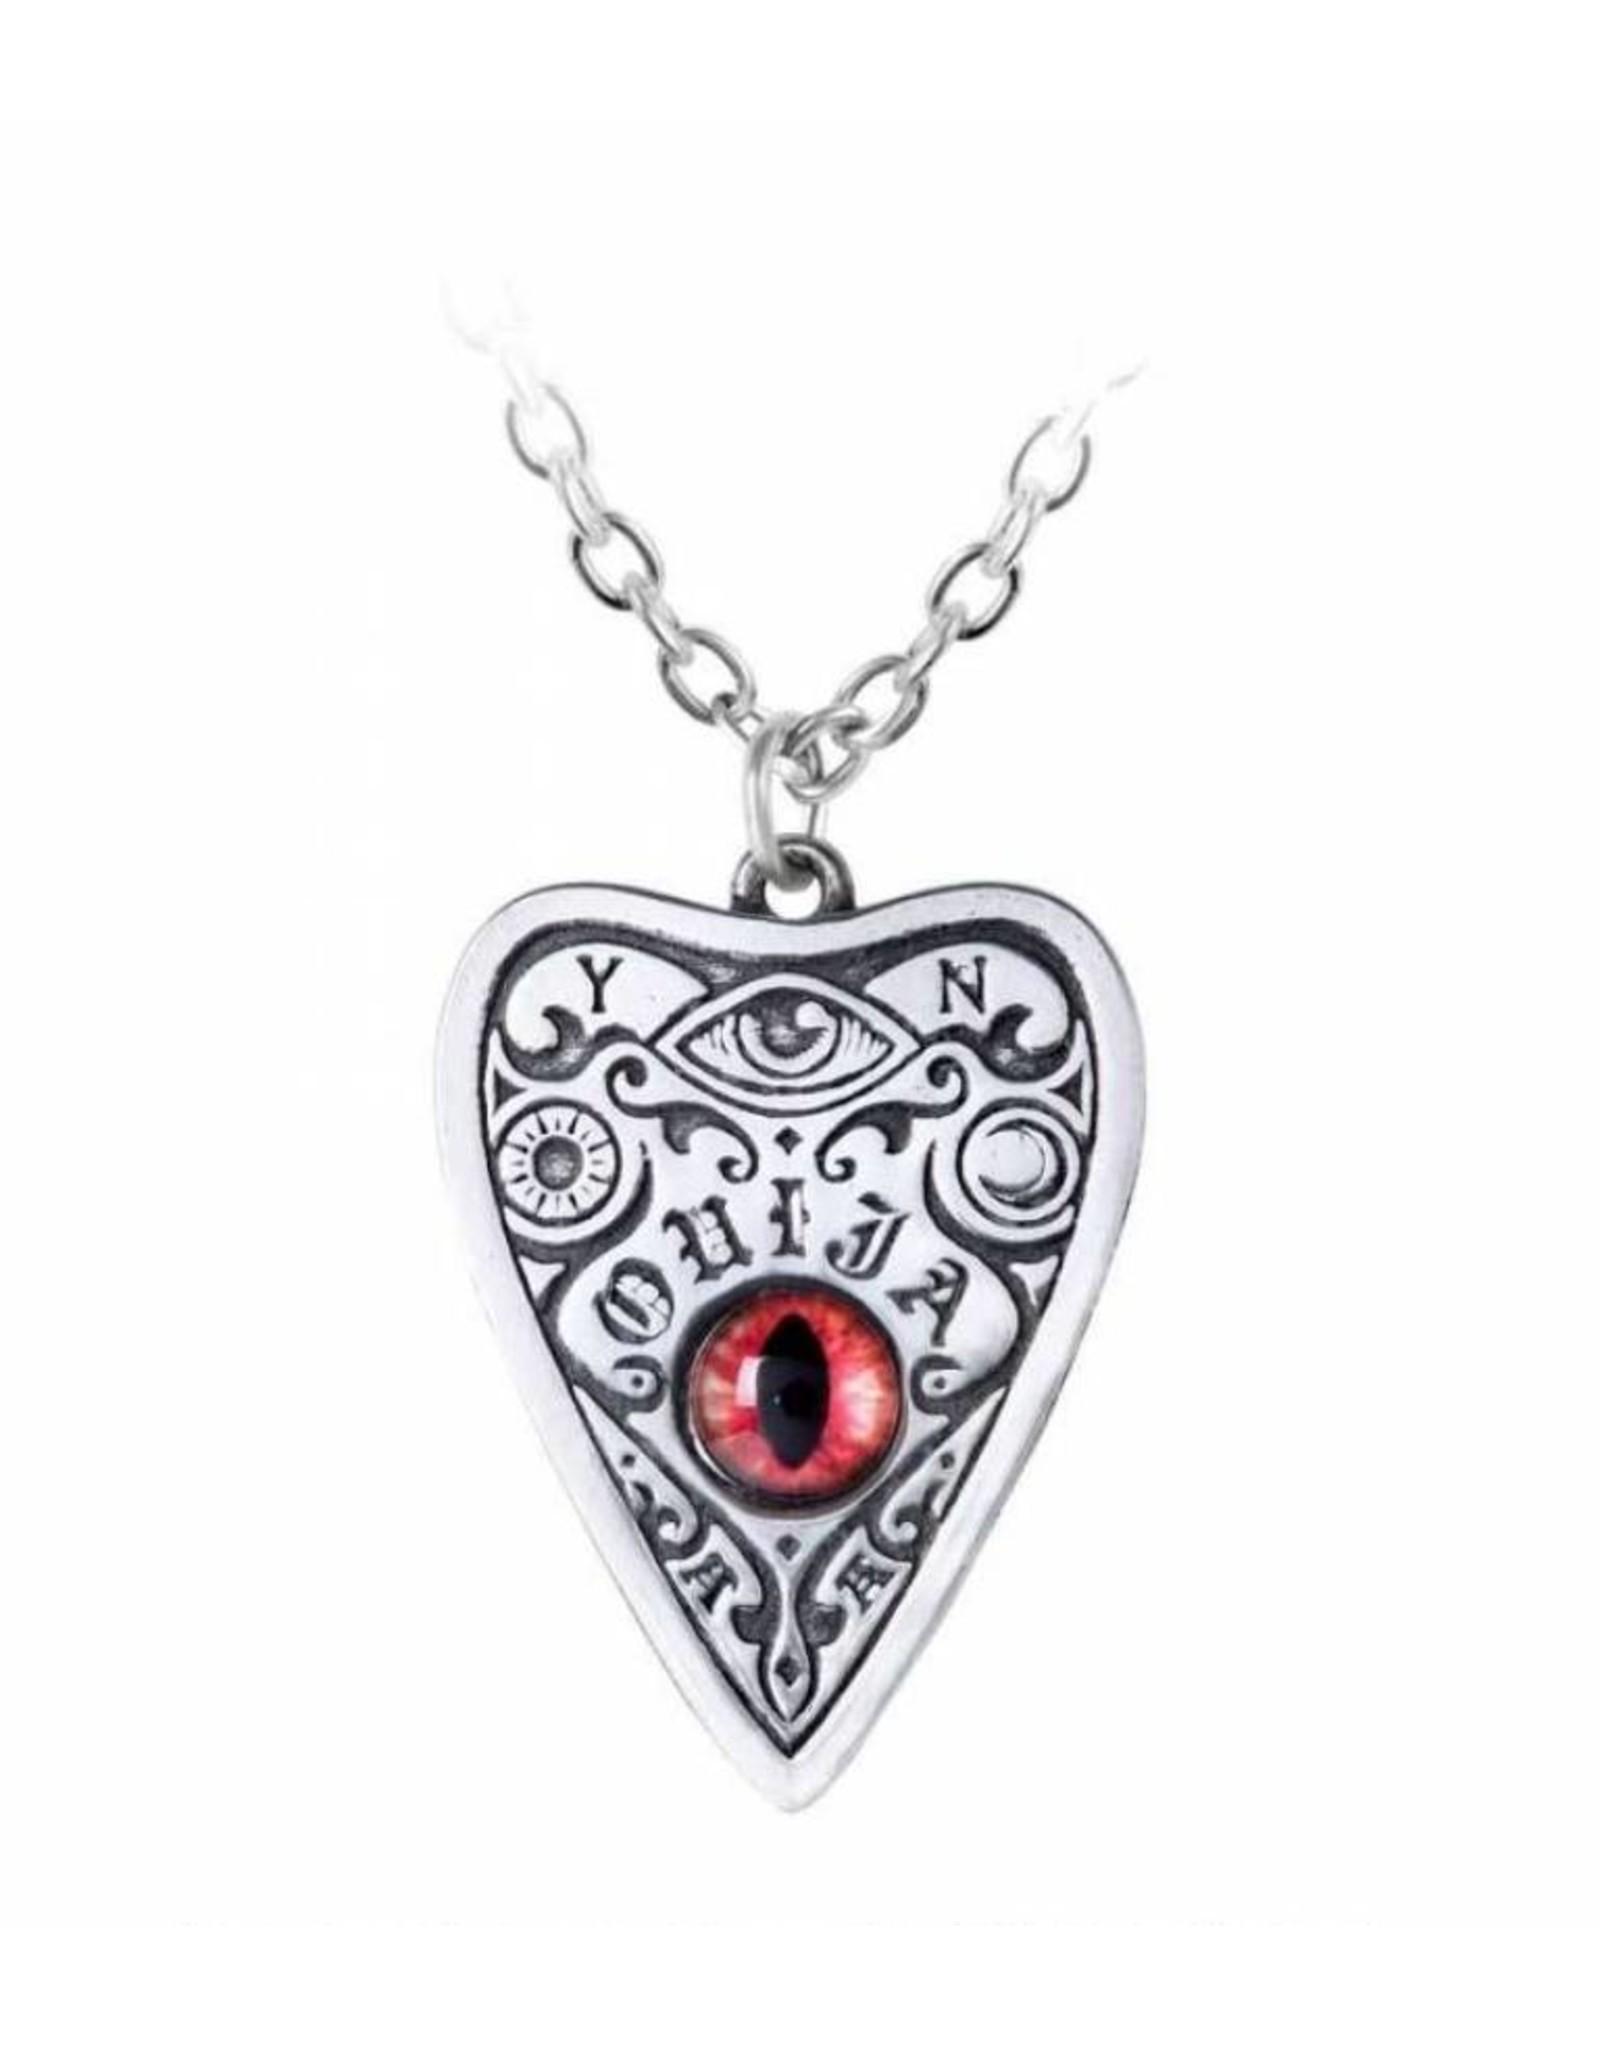 Alchemy Wicca en occult sieraden - Petit Ouija hanger en ketting  Alchemy